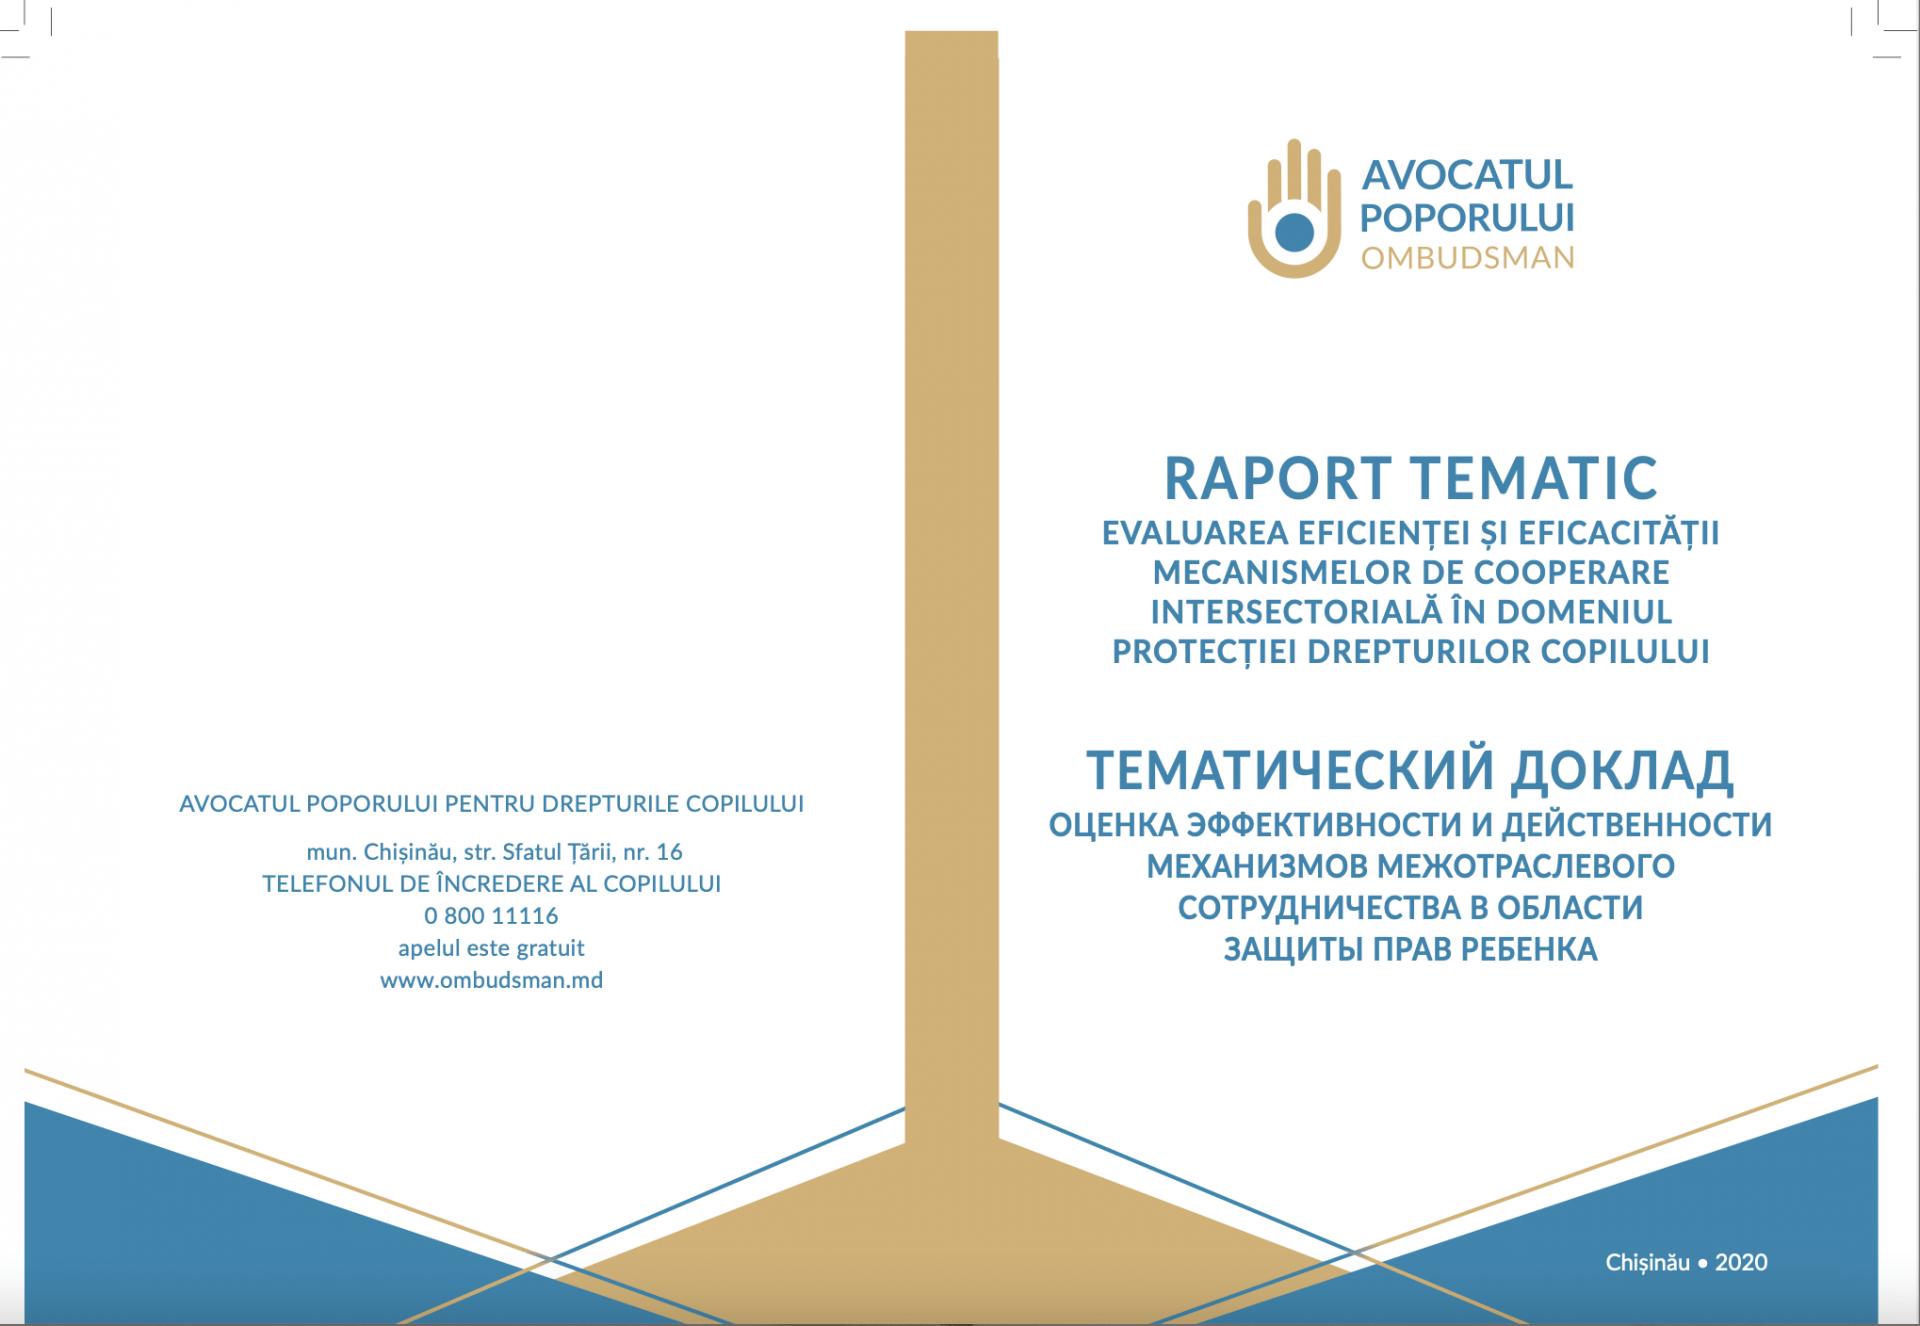 Eficiența și eficacitatea mecanismelor de cooperare intersectorială în domeniul protecției copilului, evaluate de Avocatul Poporului pentru drepturile copilului într-un raport tematic